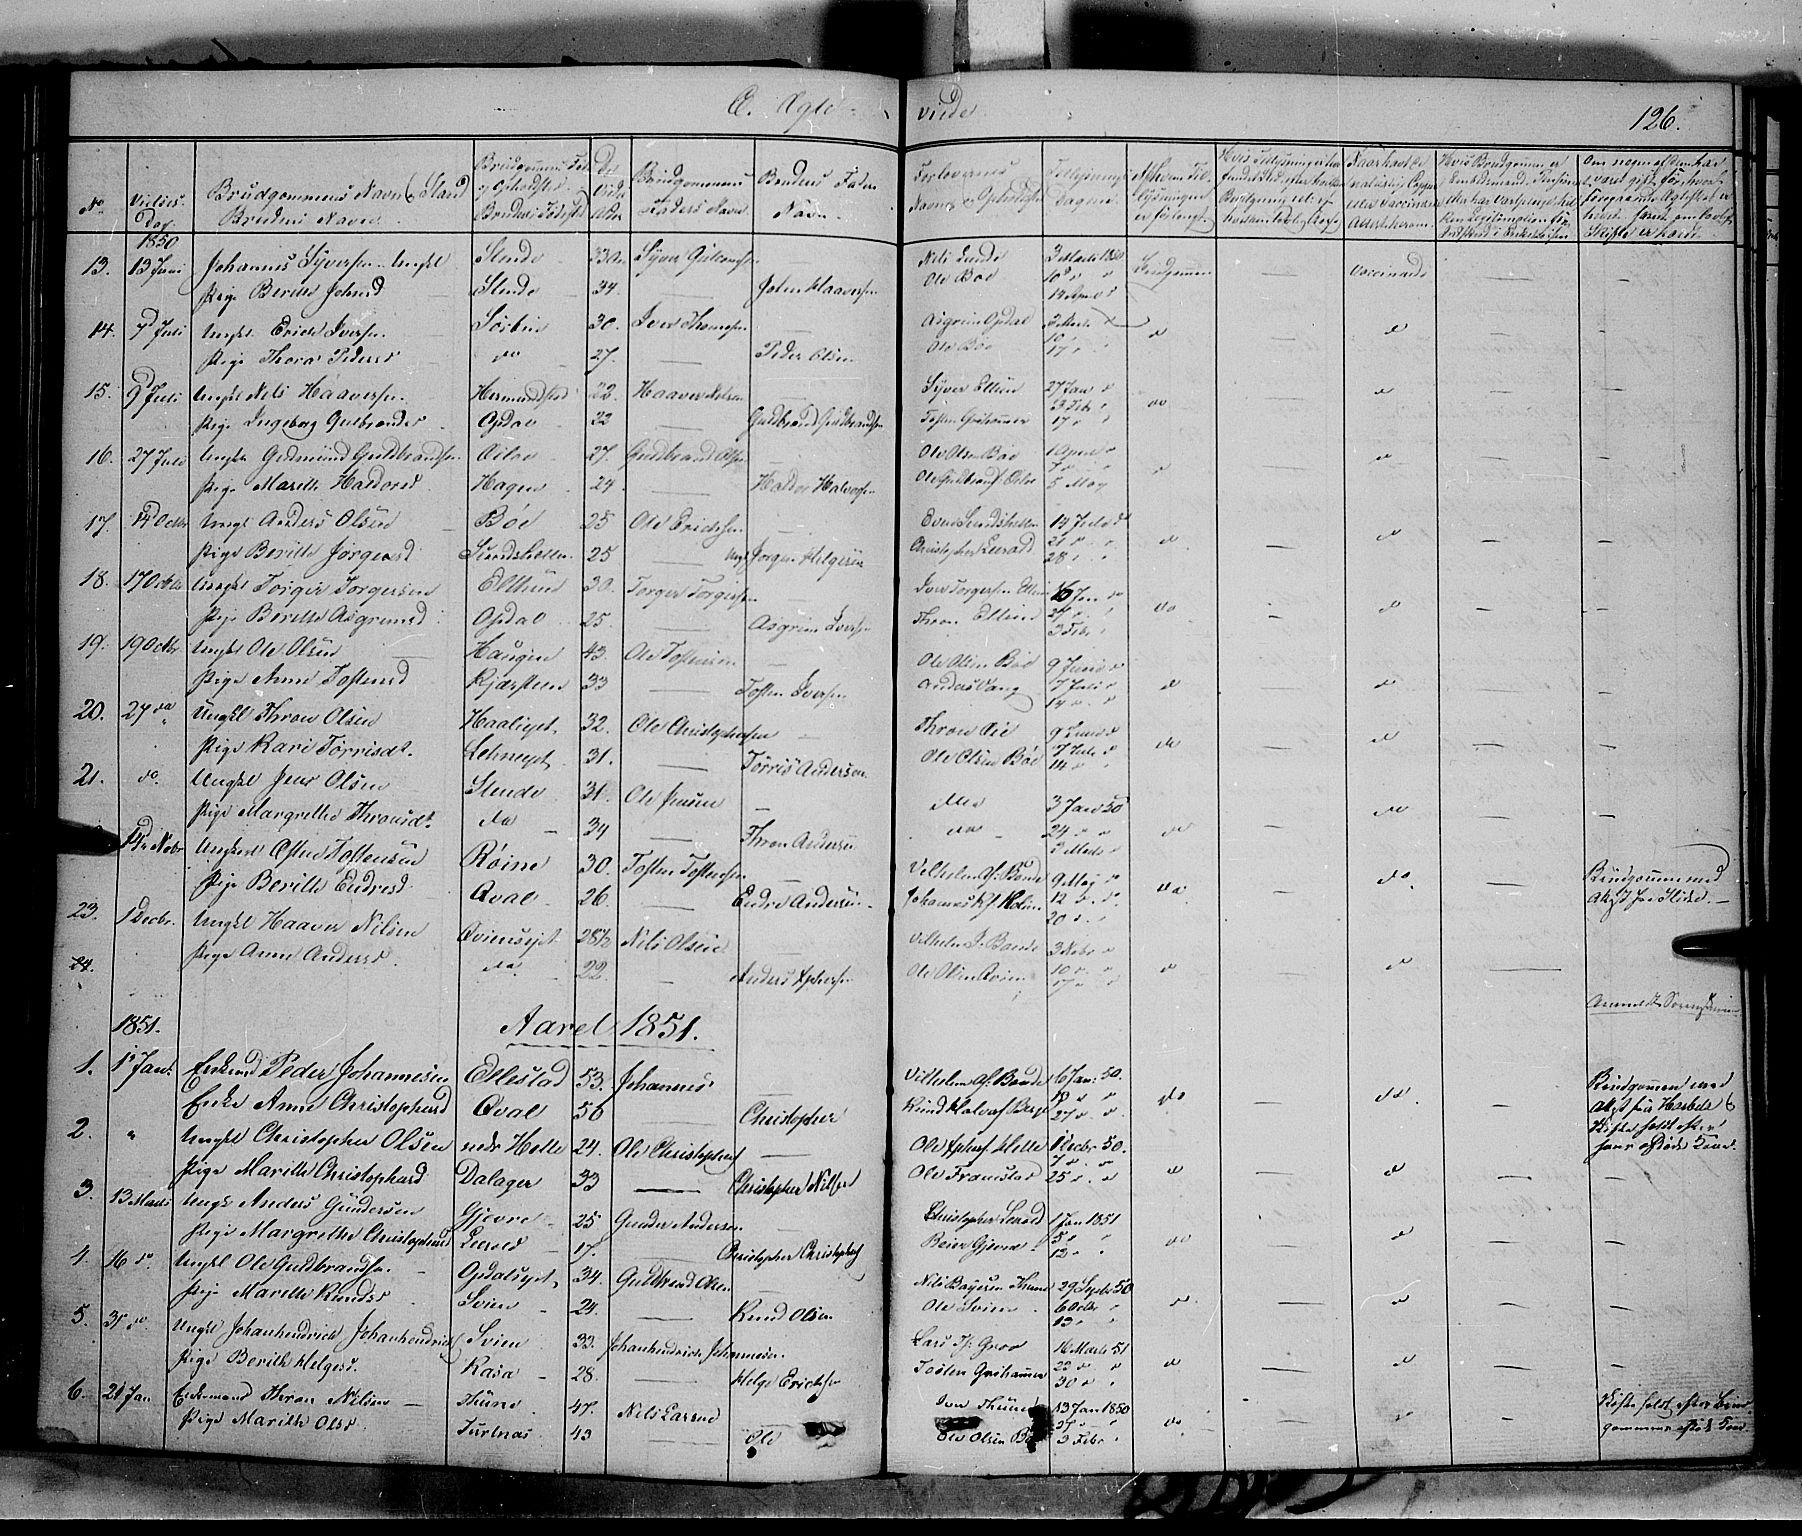 SAH, Vang prestekontor, Valdres, Ministerialbok nr. 6, 1846-1864, s. 126